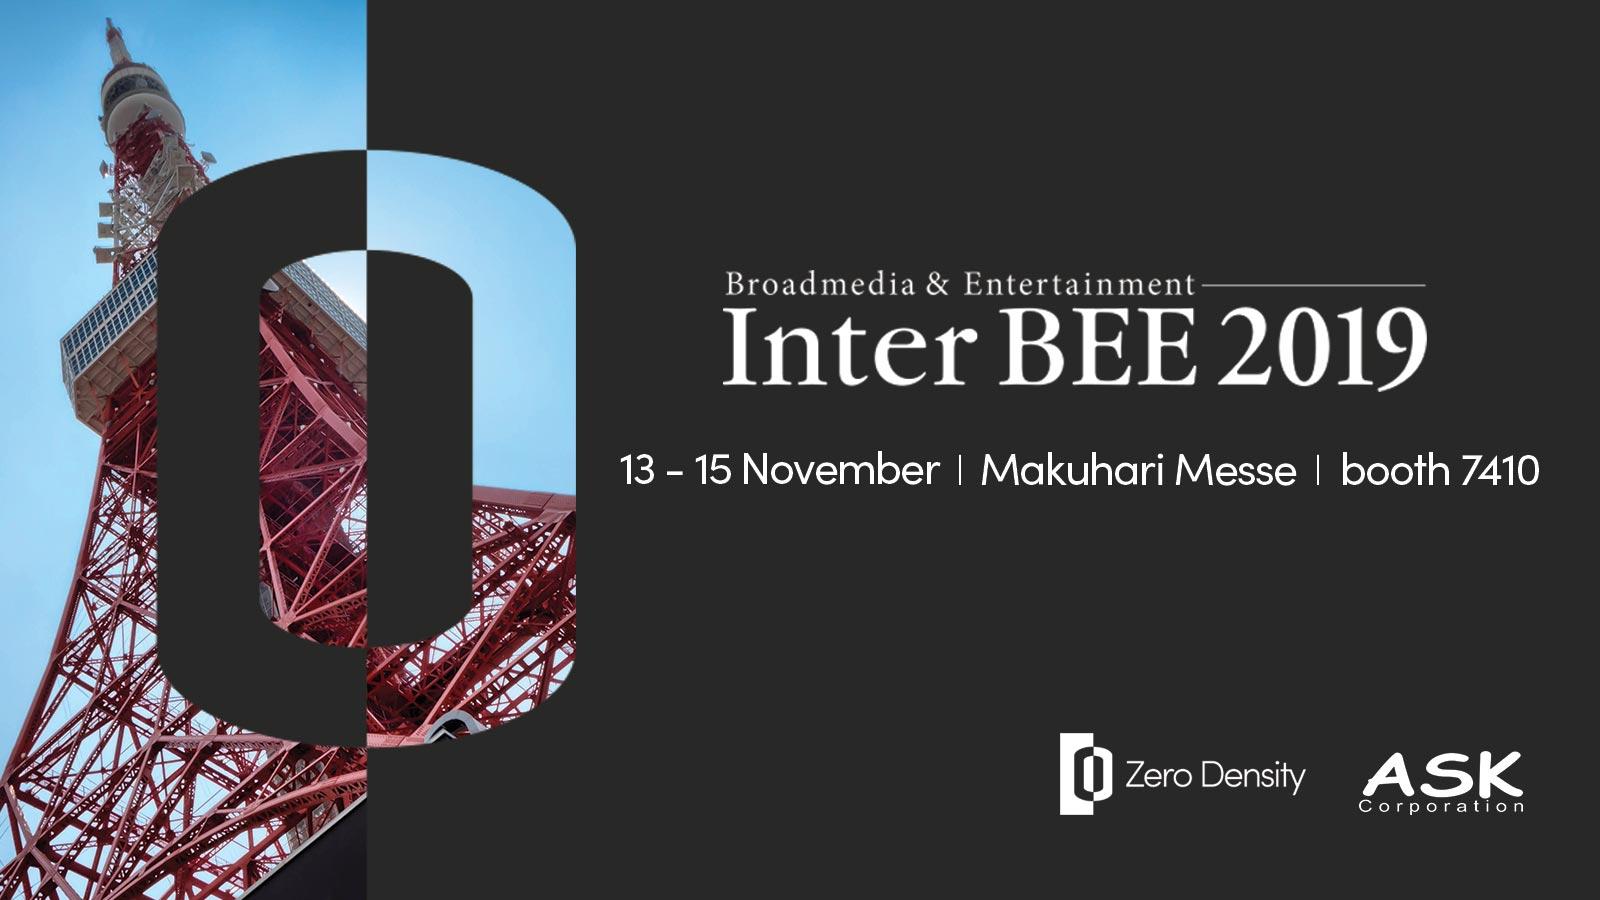 Interbee 2019 Zero Density